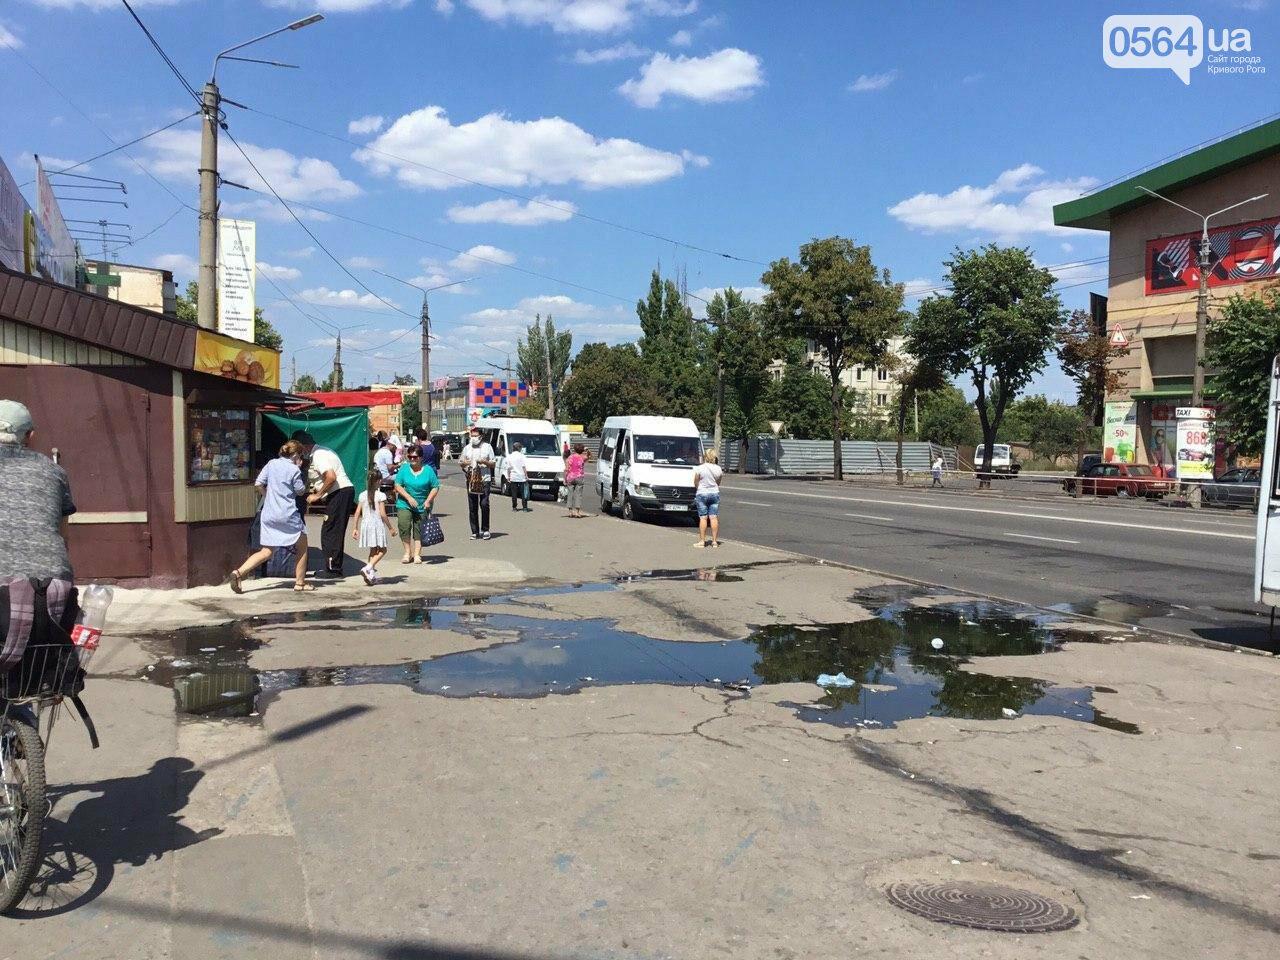 """""""Изношенные бесконечным мусором трубы и реки нечистот на улицах - это лицо нашего города"""", - криворожан просят не засорять канализацию, - ФОТО, фото-1"""